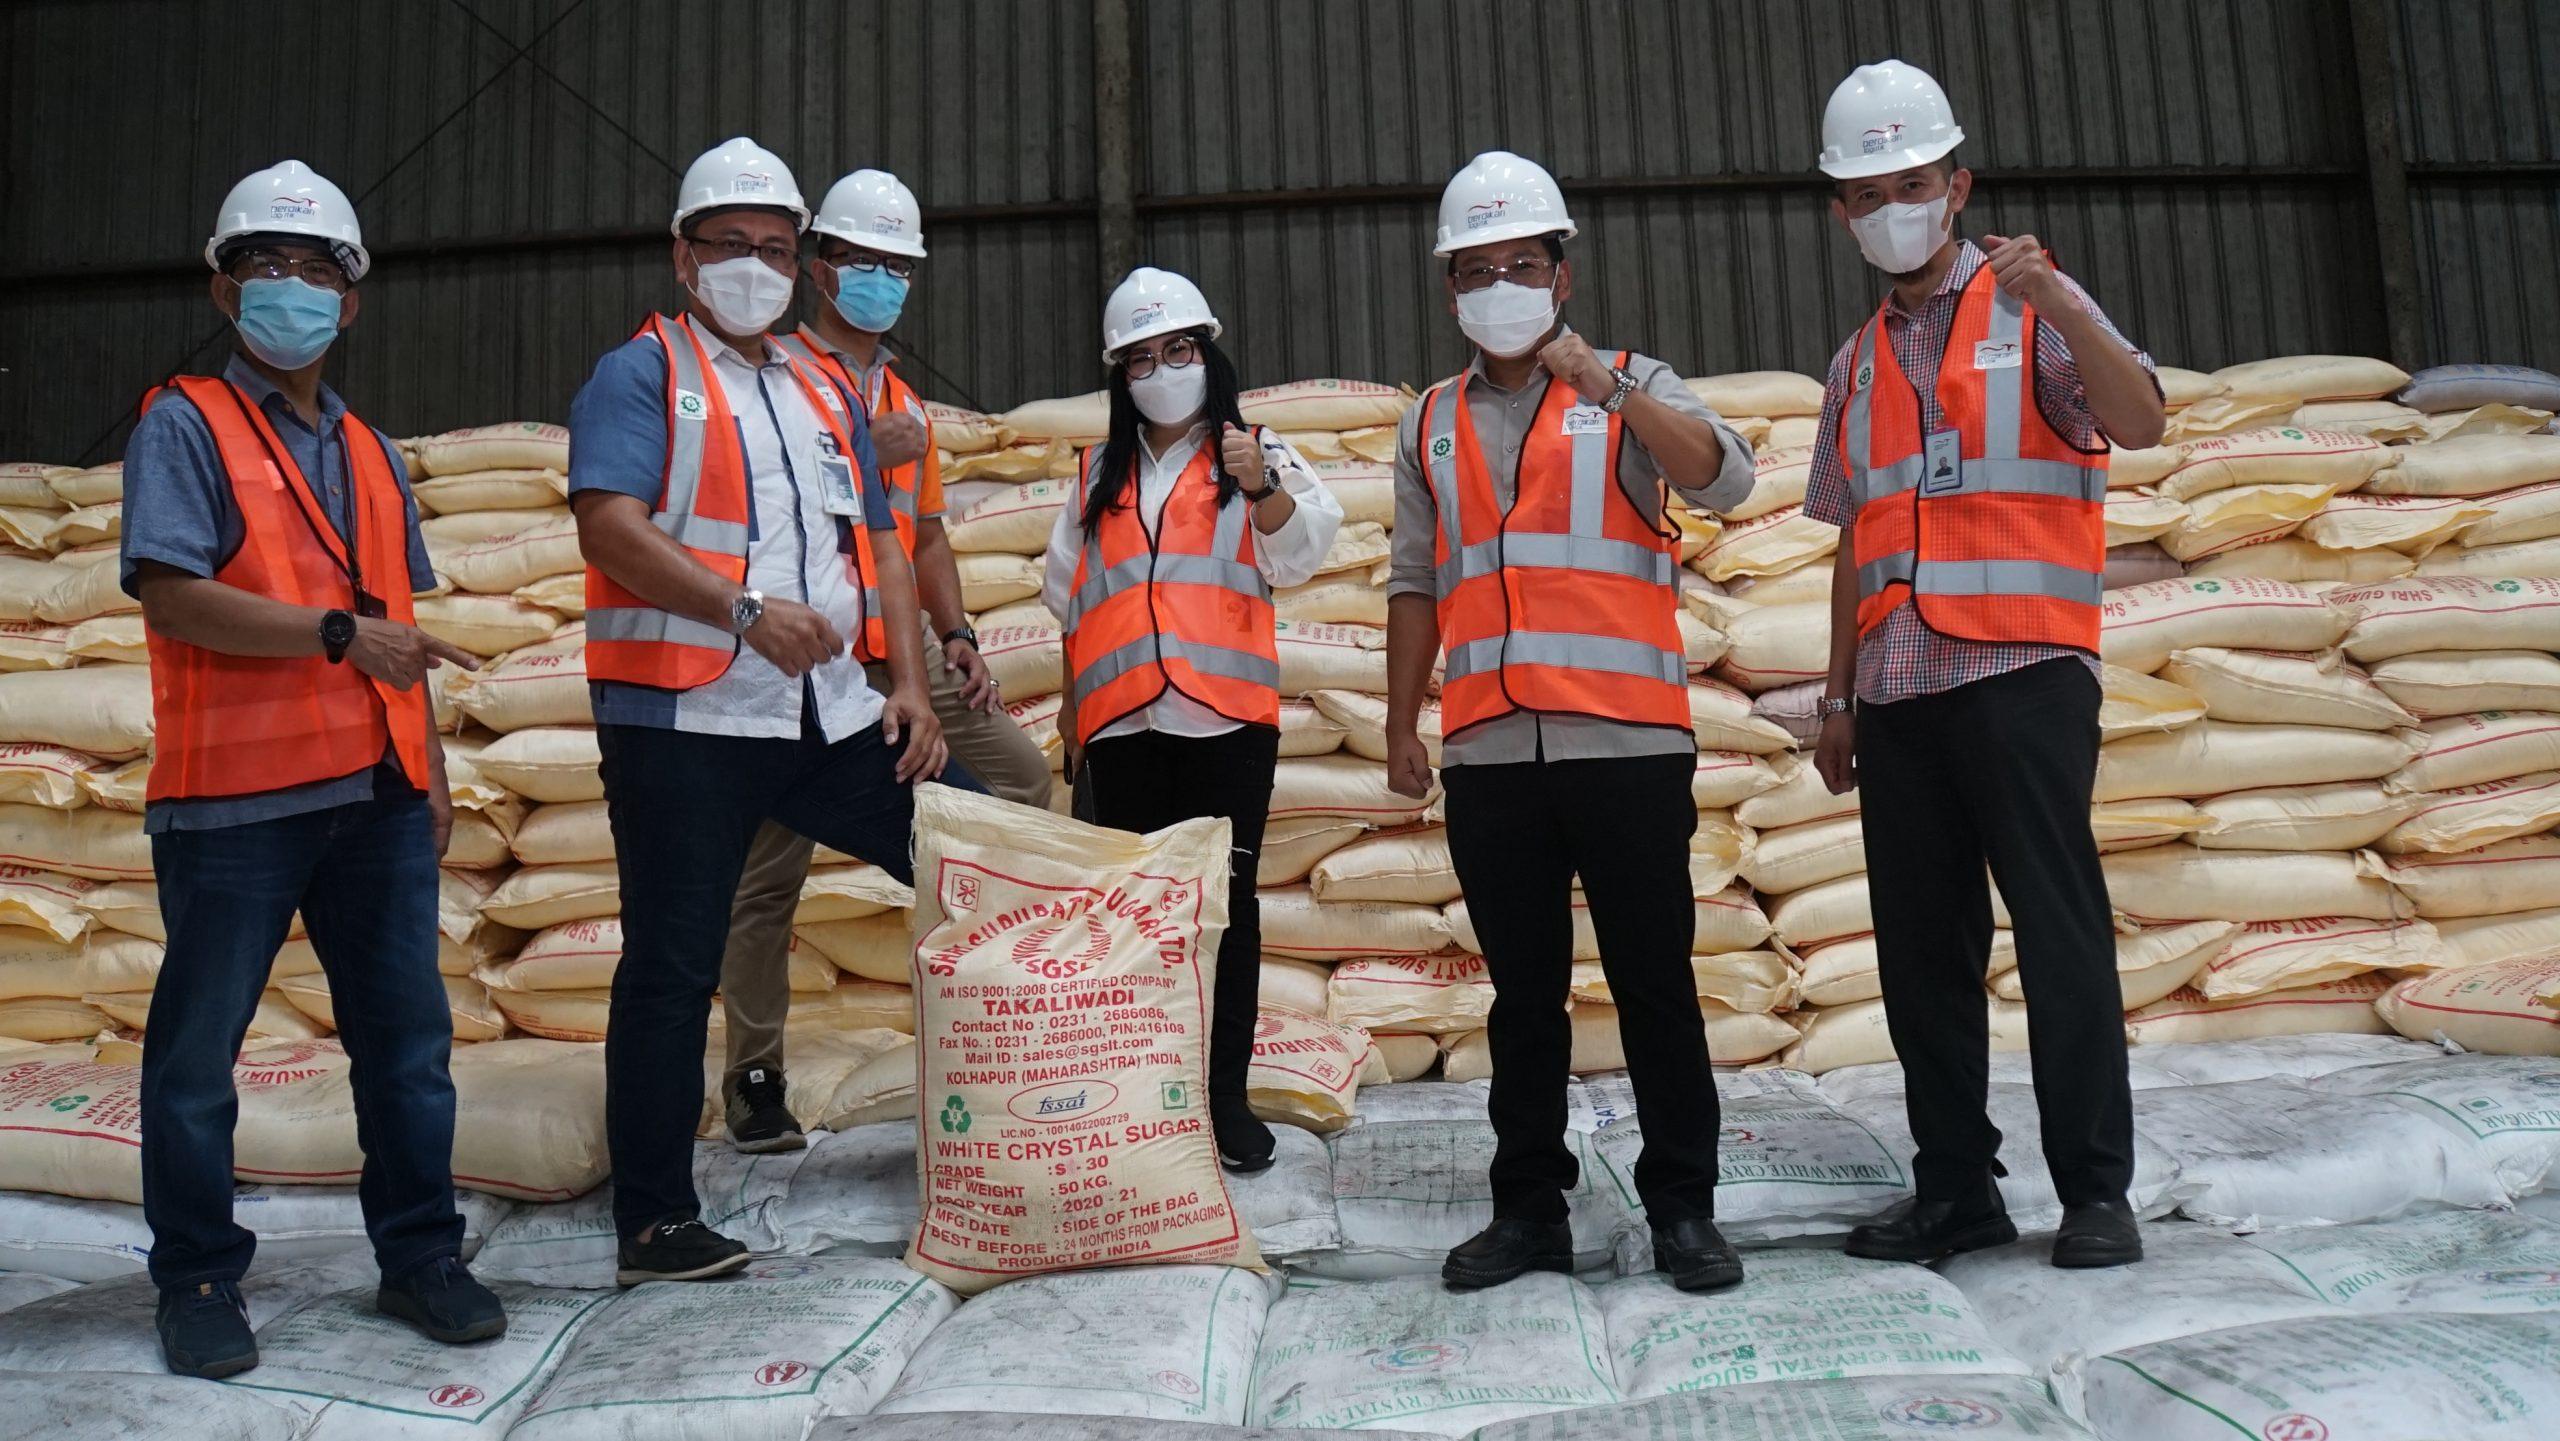 Direktur Utama RNI Pastikan Ketersediaan dan Kualitas Gula RNI di Gudang Berdikari Logistic